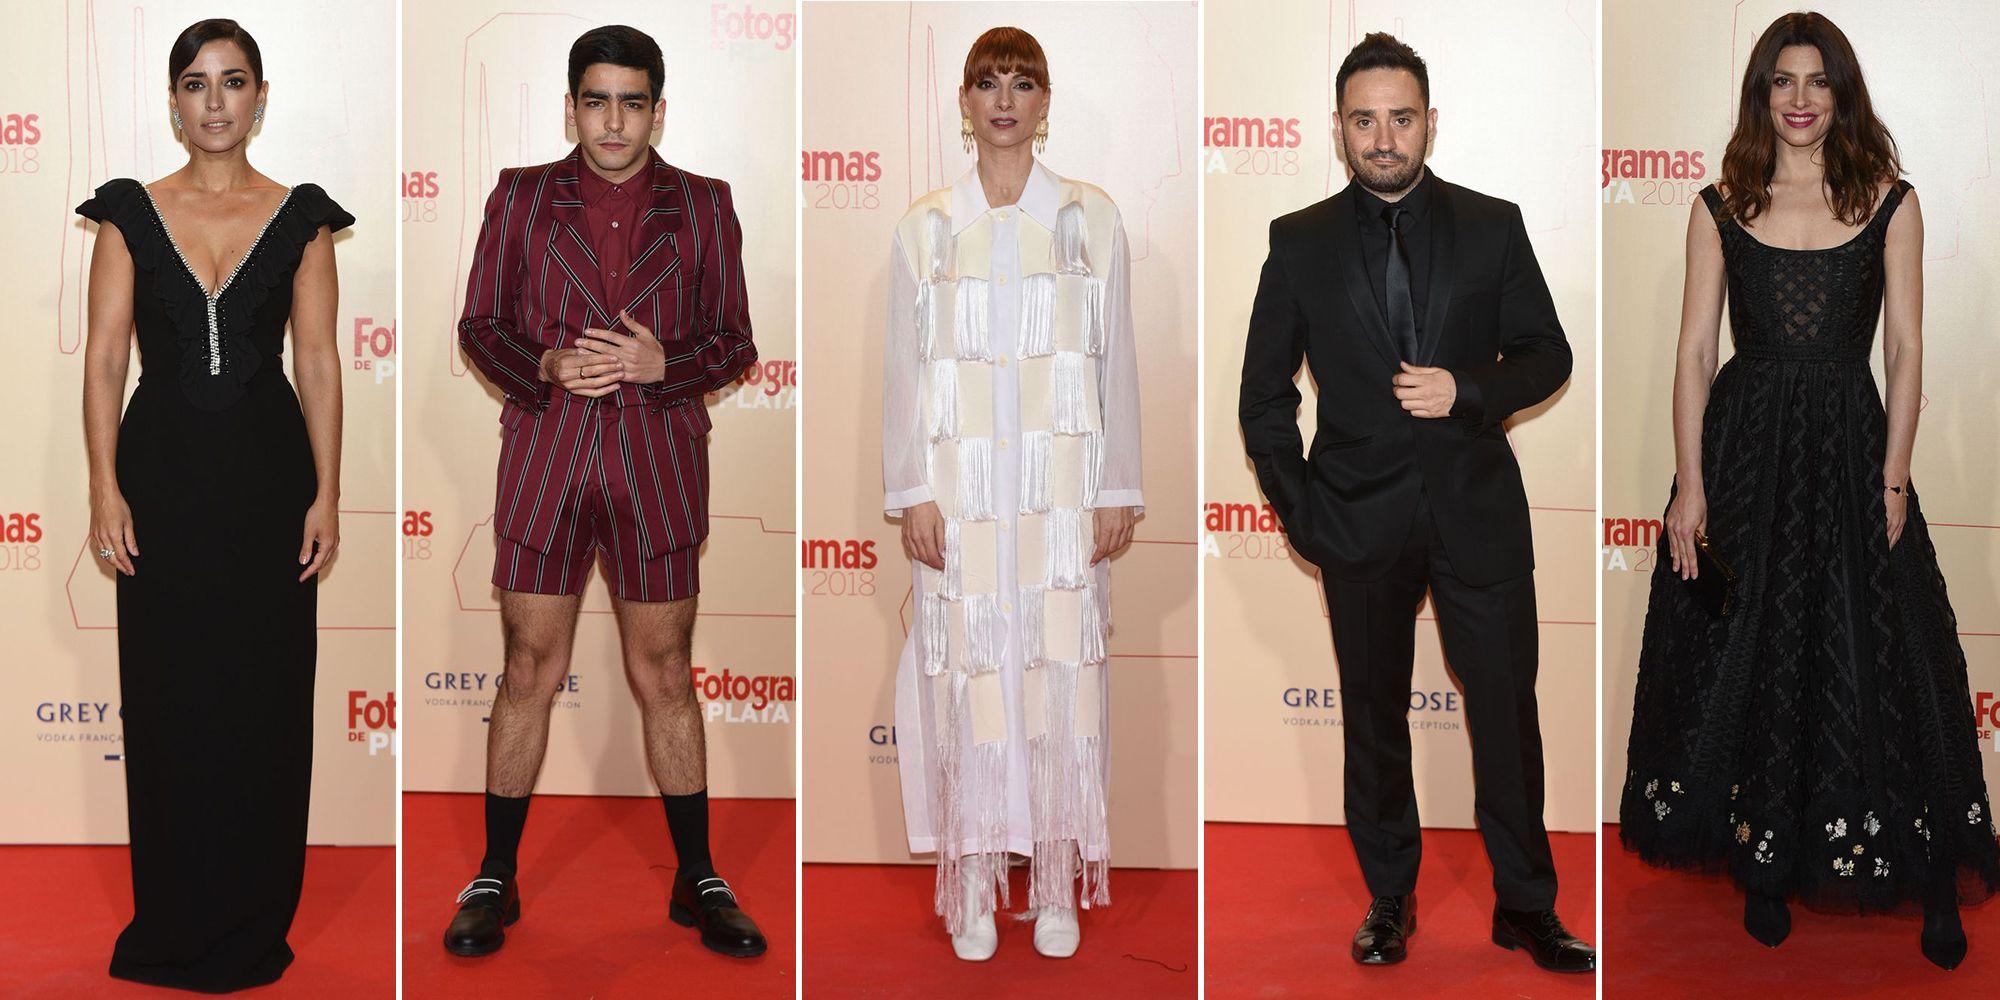 La alfombra roja de los Premios Fotogramas de Plata 2018 - Mejor Vestidas Fotogramas de Plata 2018